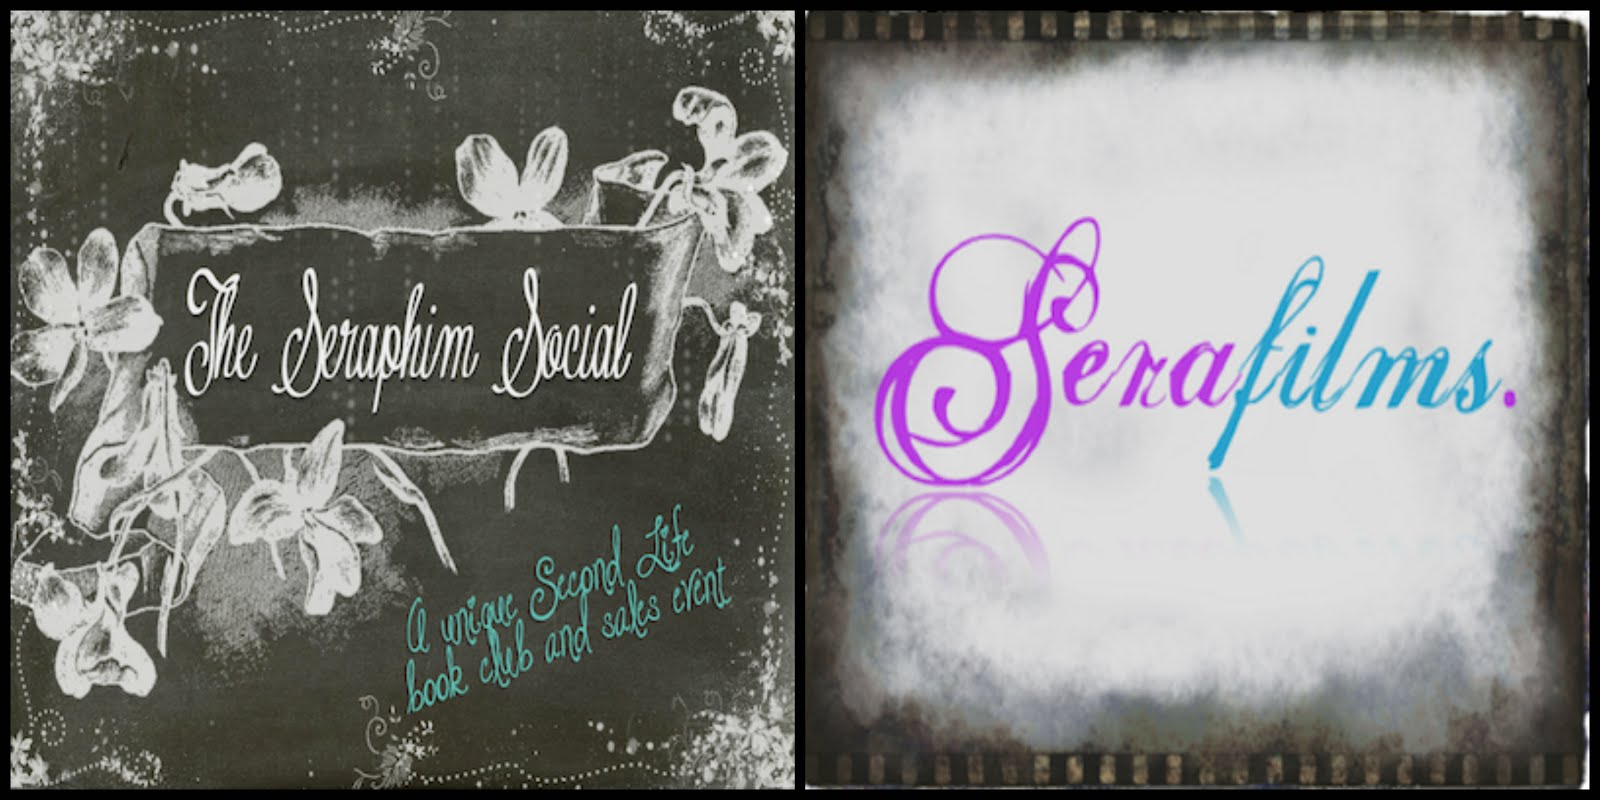 Seraphim Social/Serafilms blogger manager